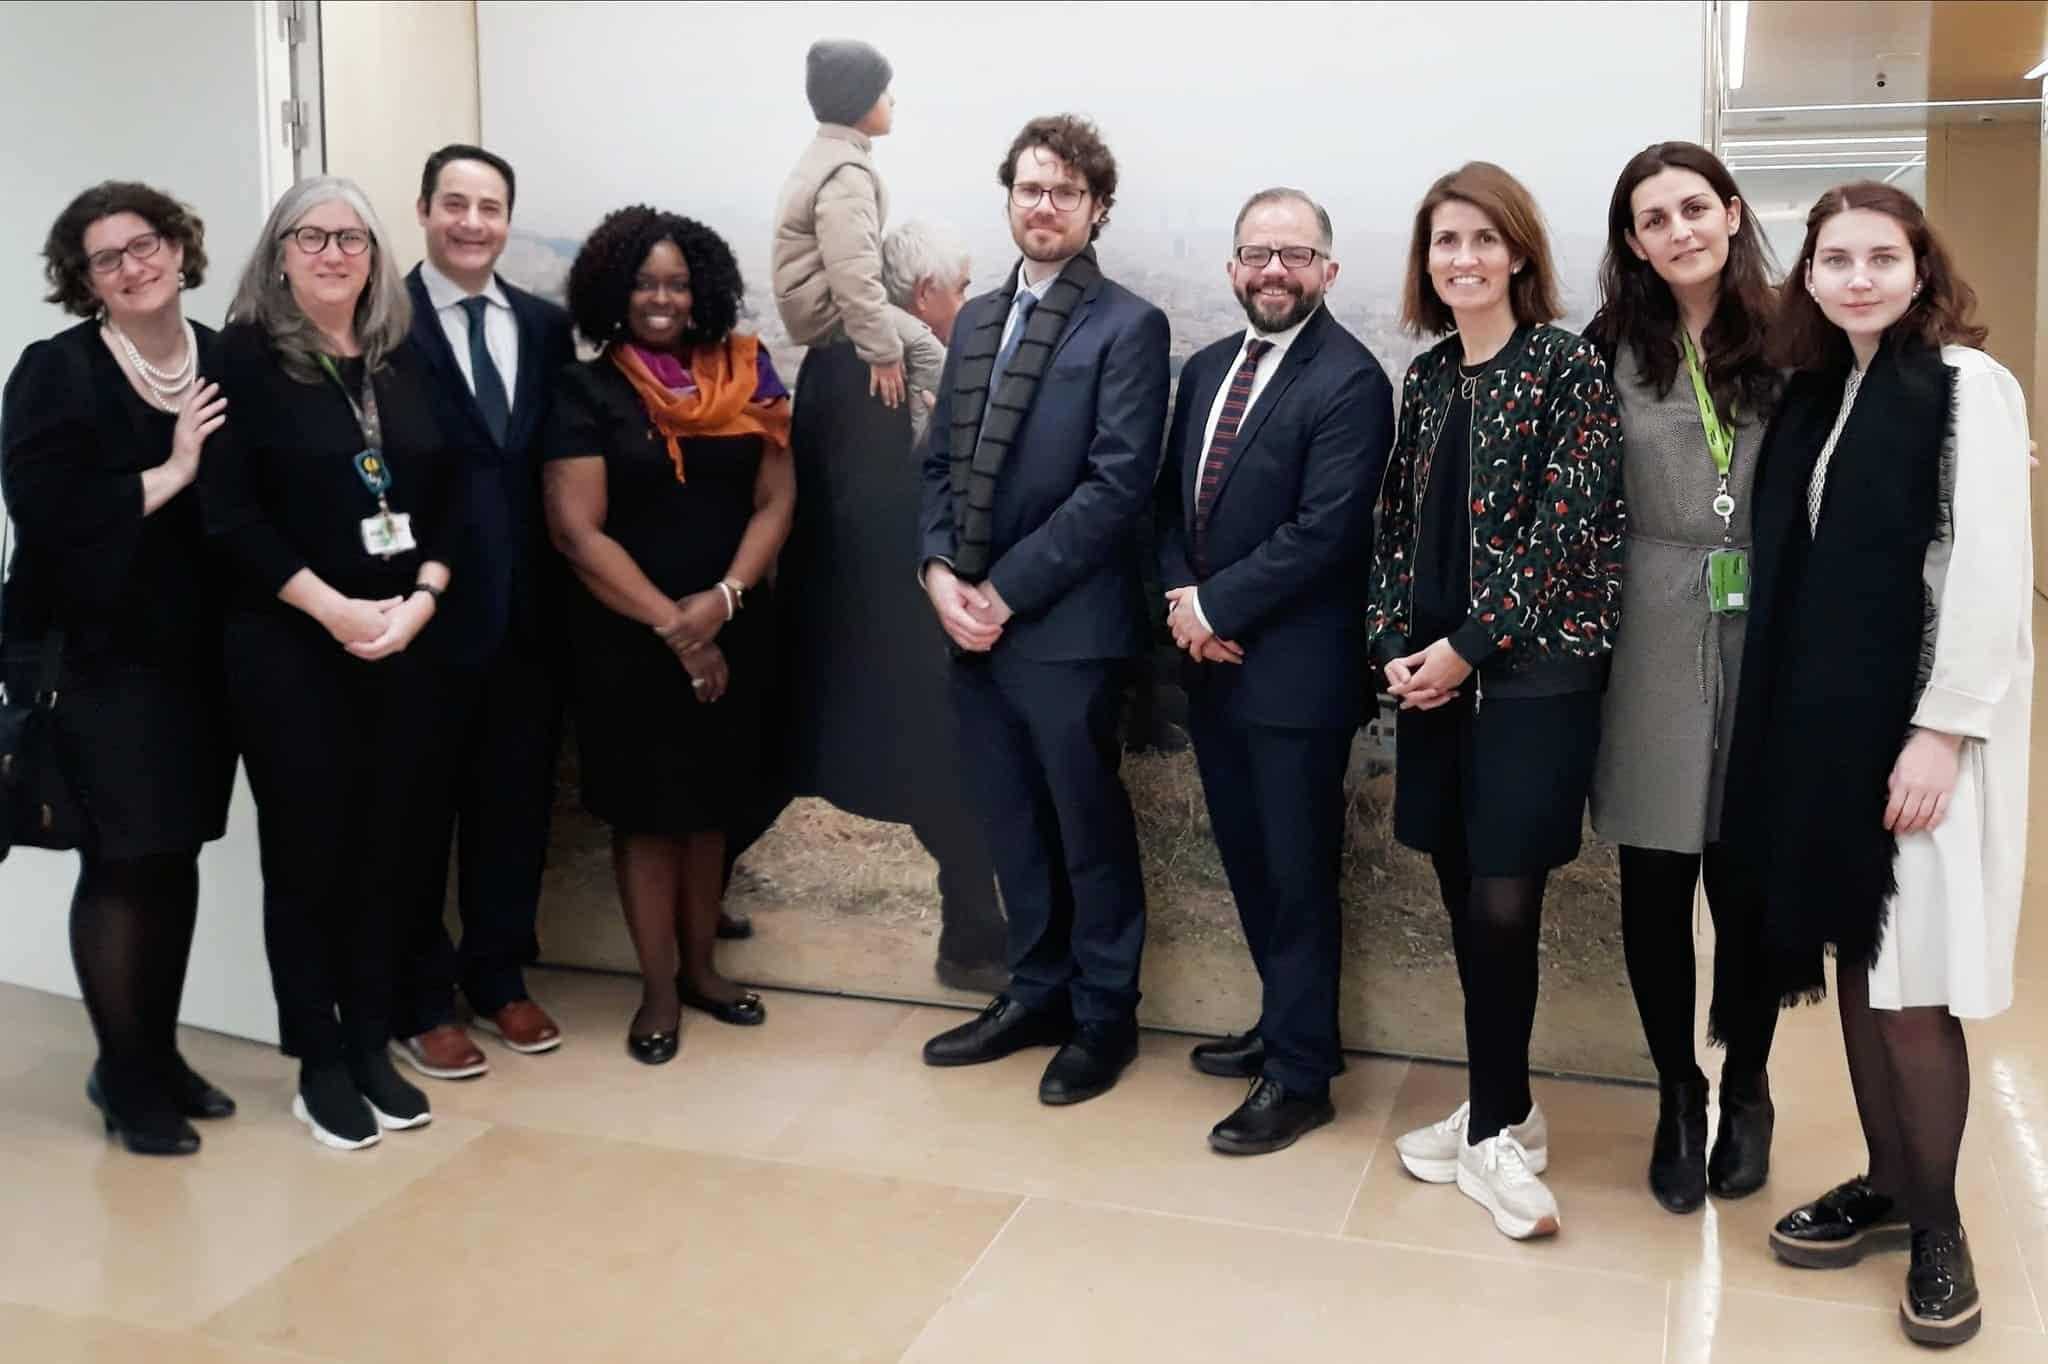 Los becados de German Marshall Fund, durante su visita a la Fundación